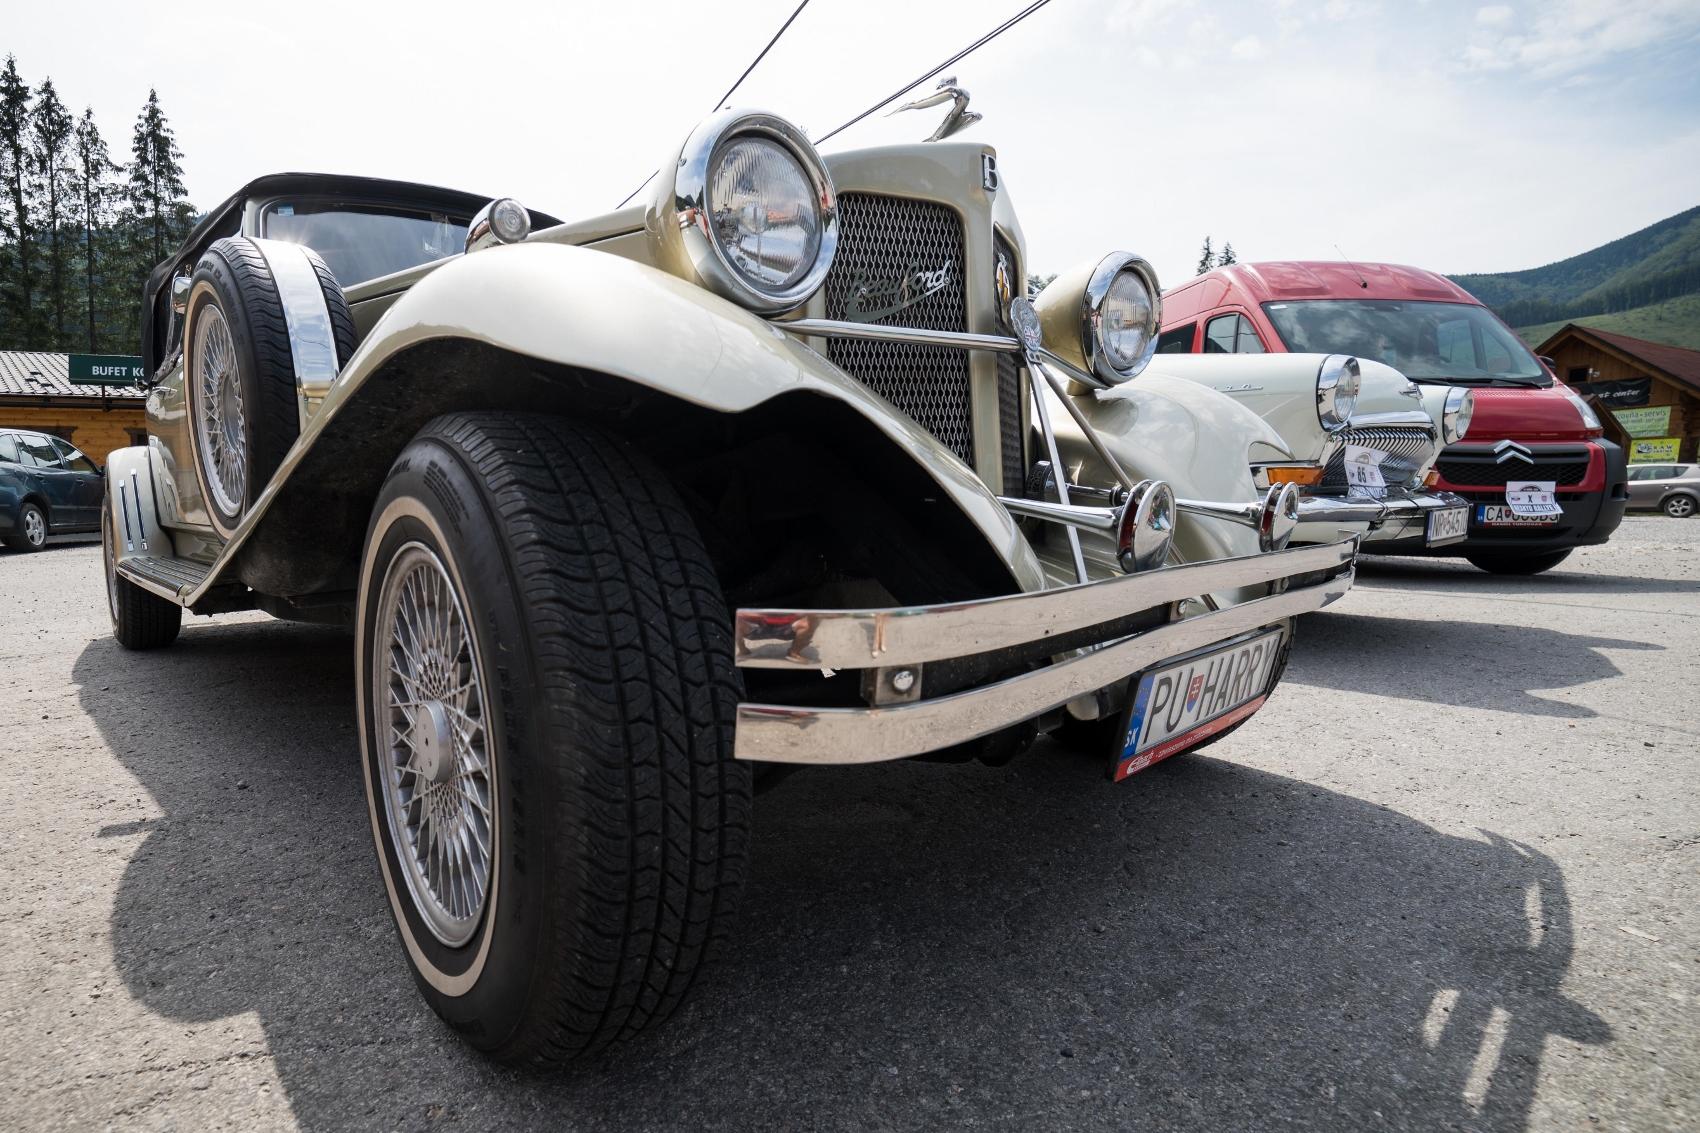 Pozrite si galériu z podujatia Beskyd Rallye – memoriál Ladislava Dlhopolčeka 2020 sVpCY1e3JT turzov